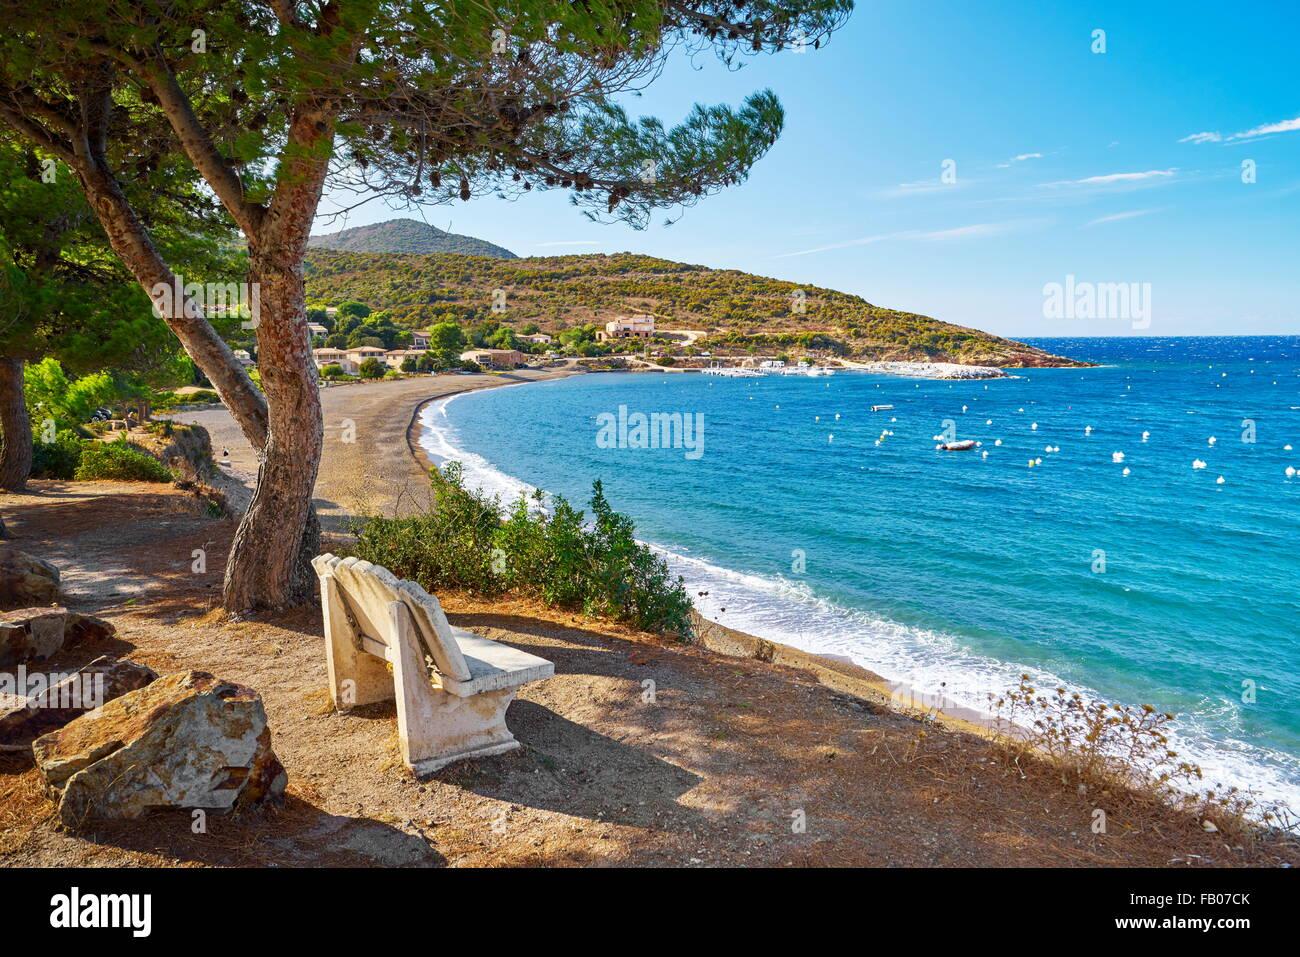 Golfe de Galeria, Blick zum kleinen Fischerdorf Galeria, Korsika, Frankreich Stockbild